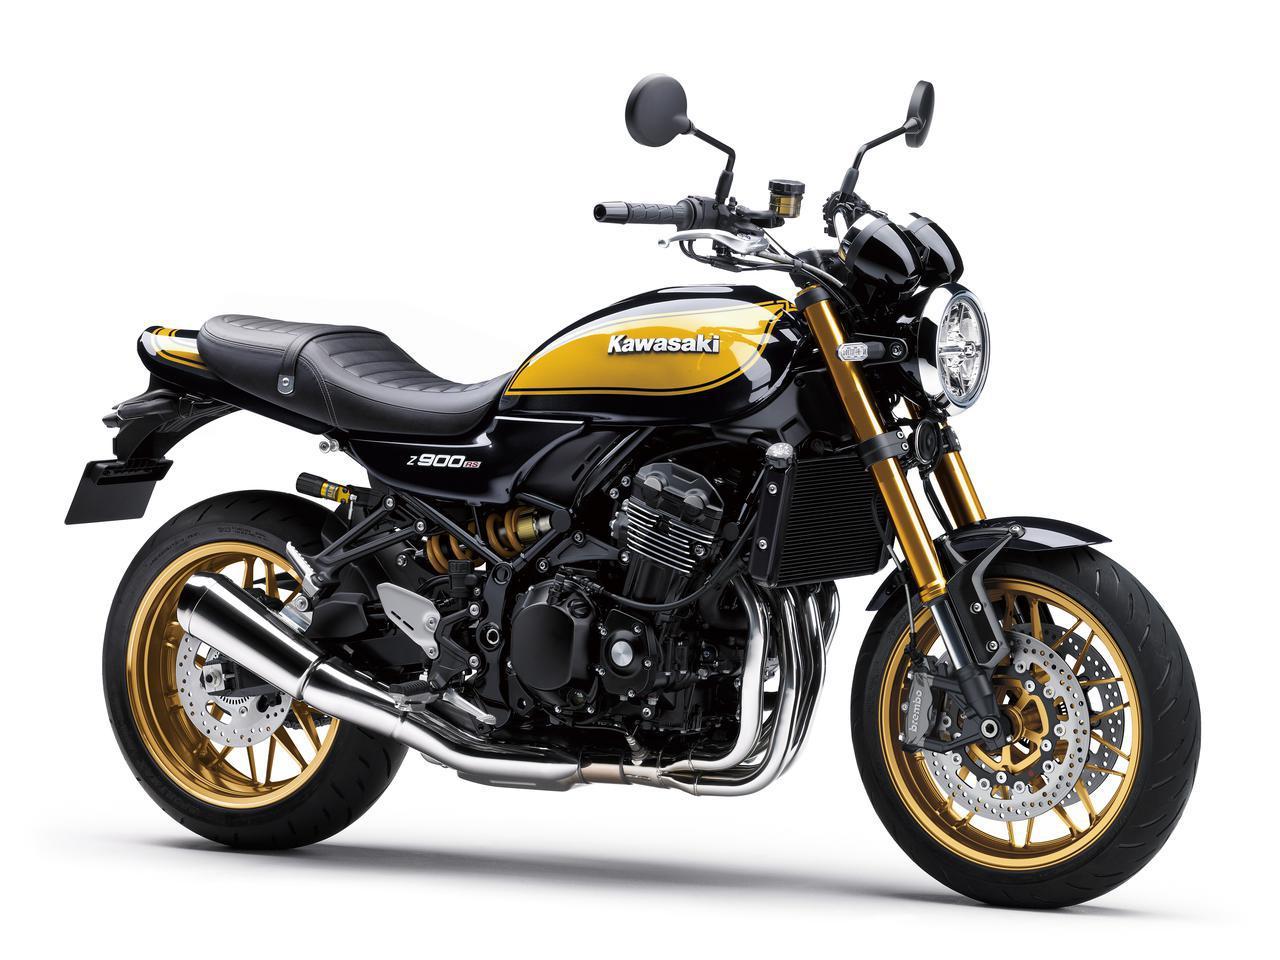 画像: Kawasaki Z900RS SE 国内・2022年モデル 総排気量:948cc エンジン形式:水冷4ストDOHC4バルブ並列4気筒 シート高:810mm 車両重量:215kg 発売日: 2021年11月12日(金) ※2021年9月17日追記:発売時期は2022年春頃に延期 税込価格:160万6000円